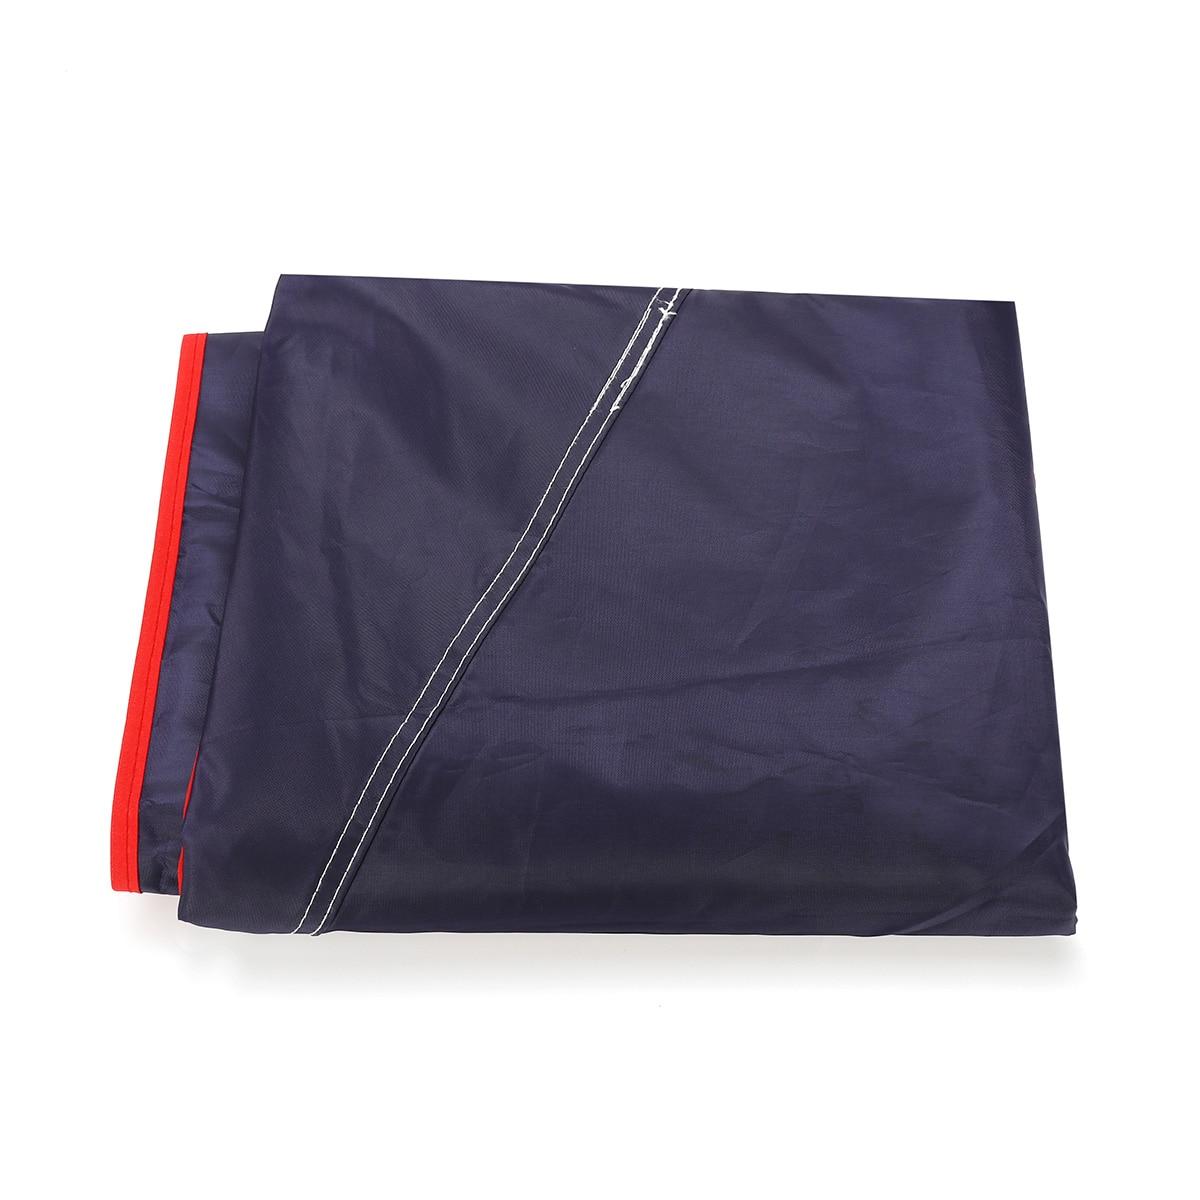 4.5x2.3 M/4.2x2.1 M Portable extérieur voiture véhicule tente voiture parapluie soleil ombre couverture Oxford tissu Polyester couvre sans support - 2